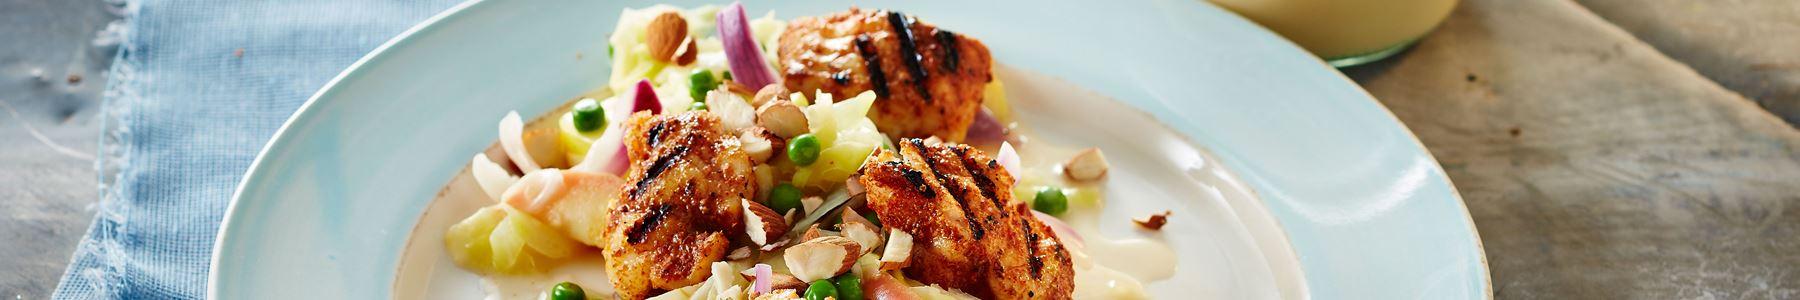 Salater + Spidskål + Danmark